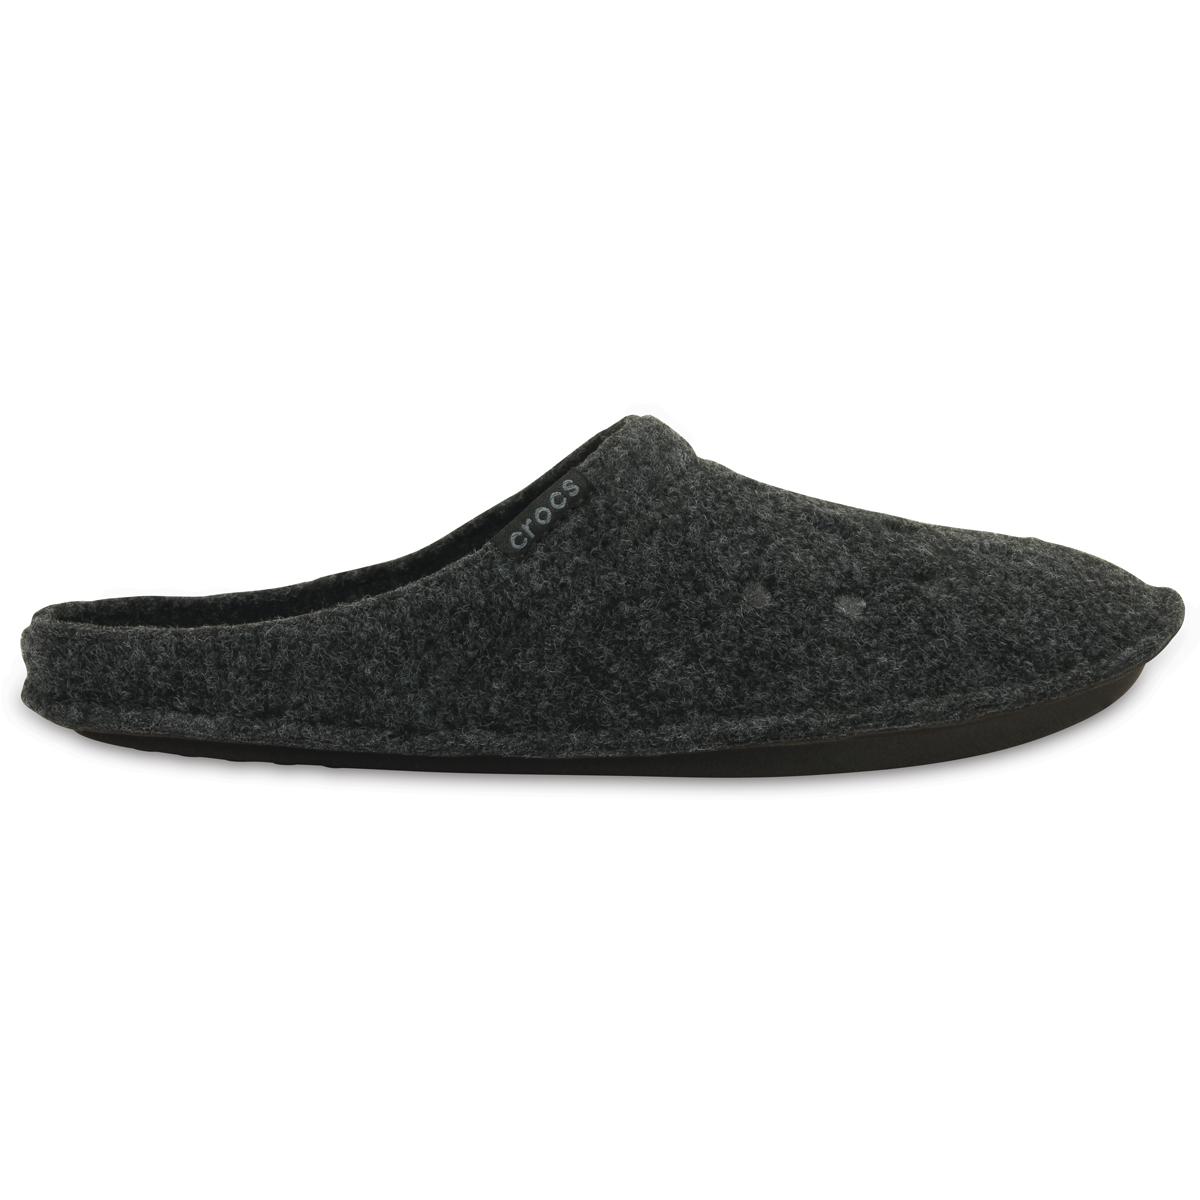 Classic Slipper - Siyah/Siyah